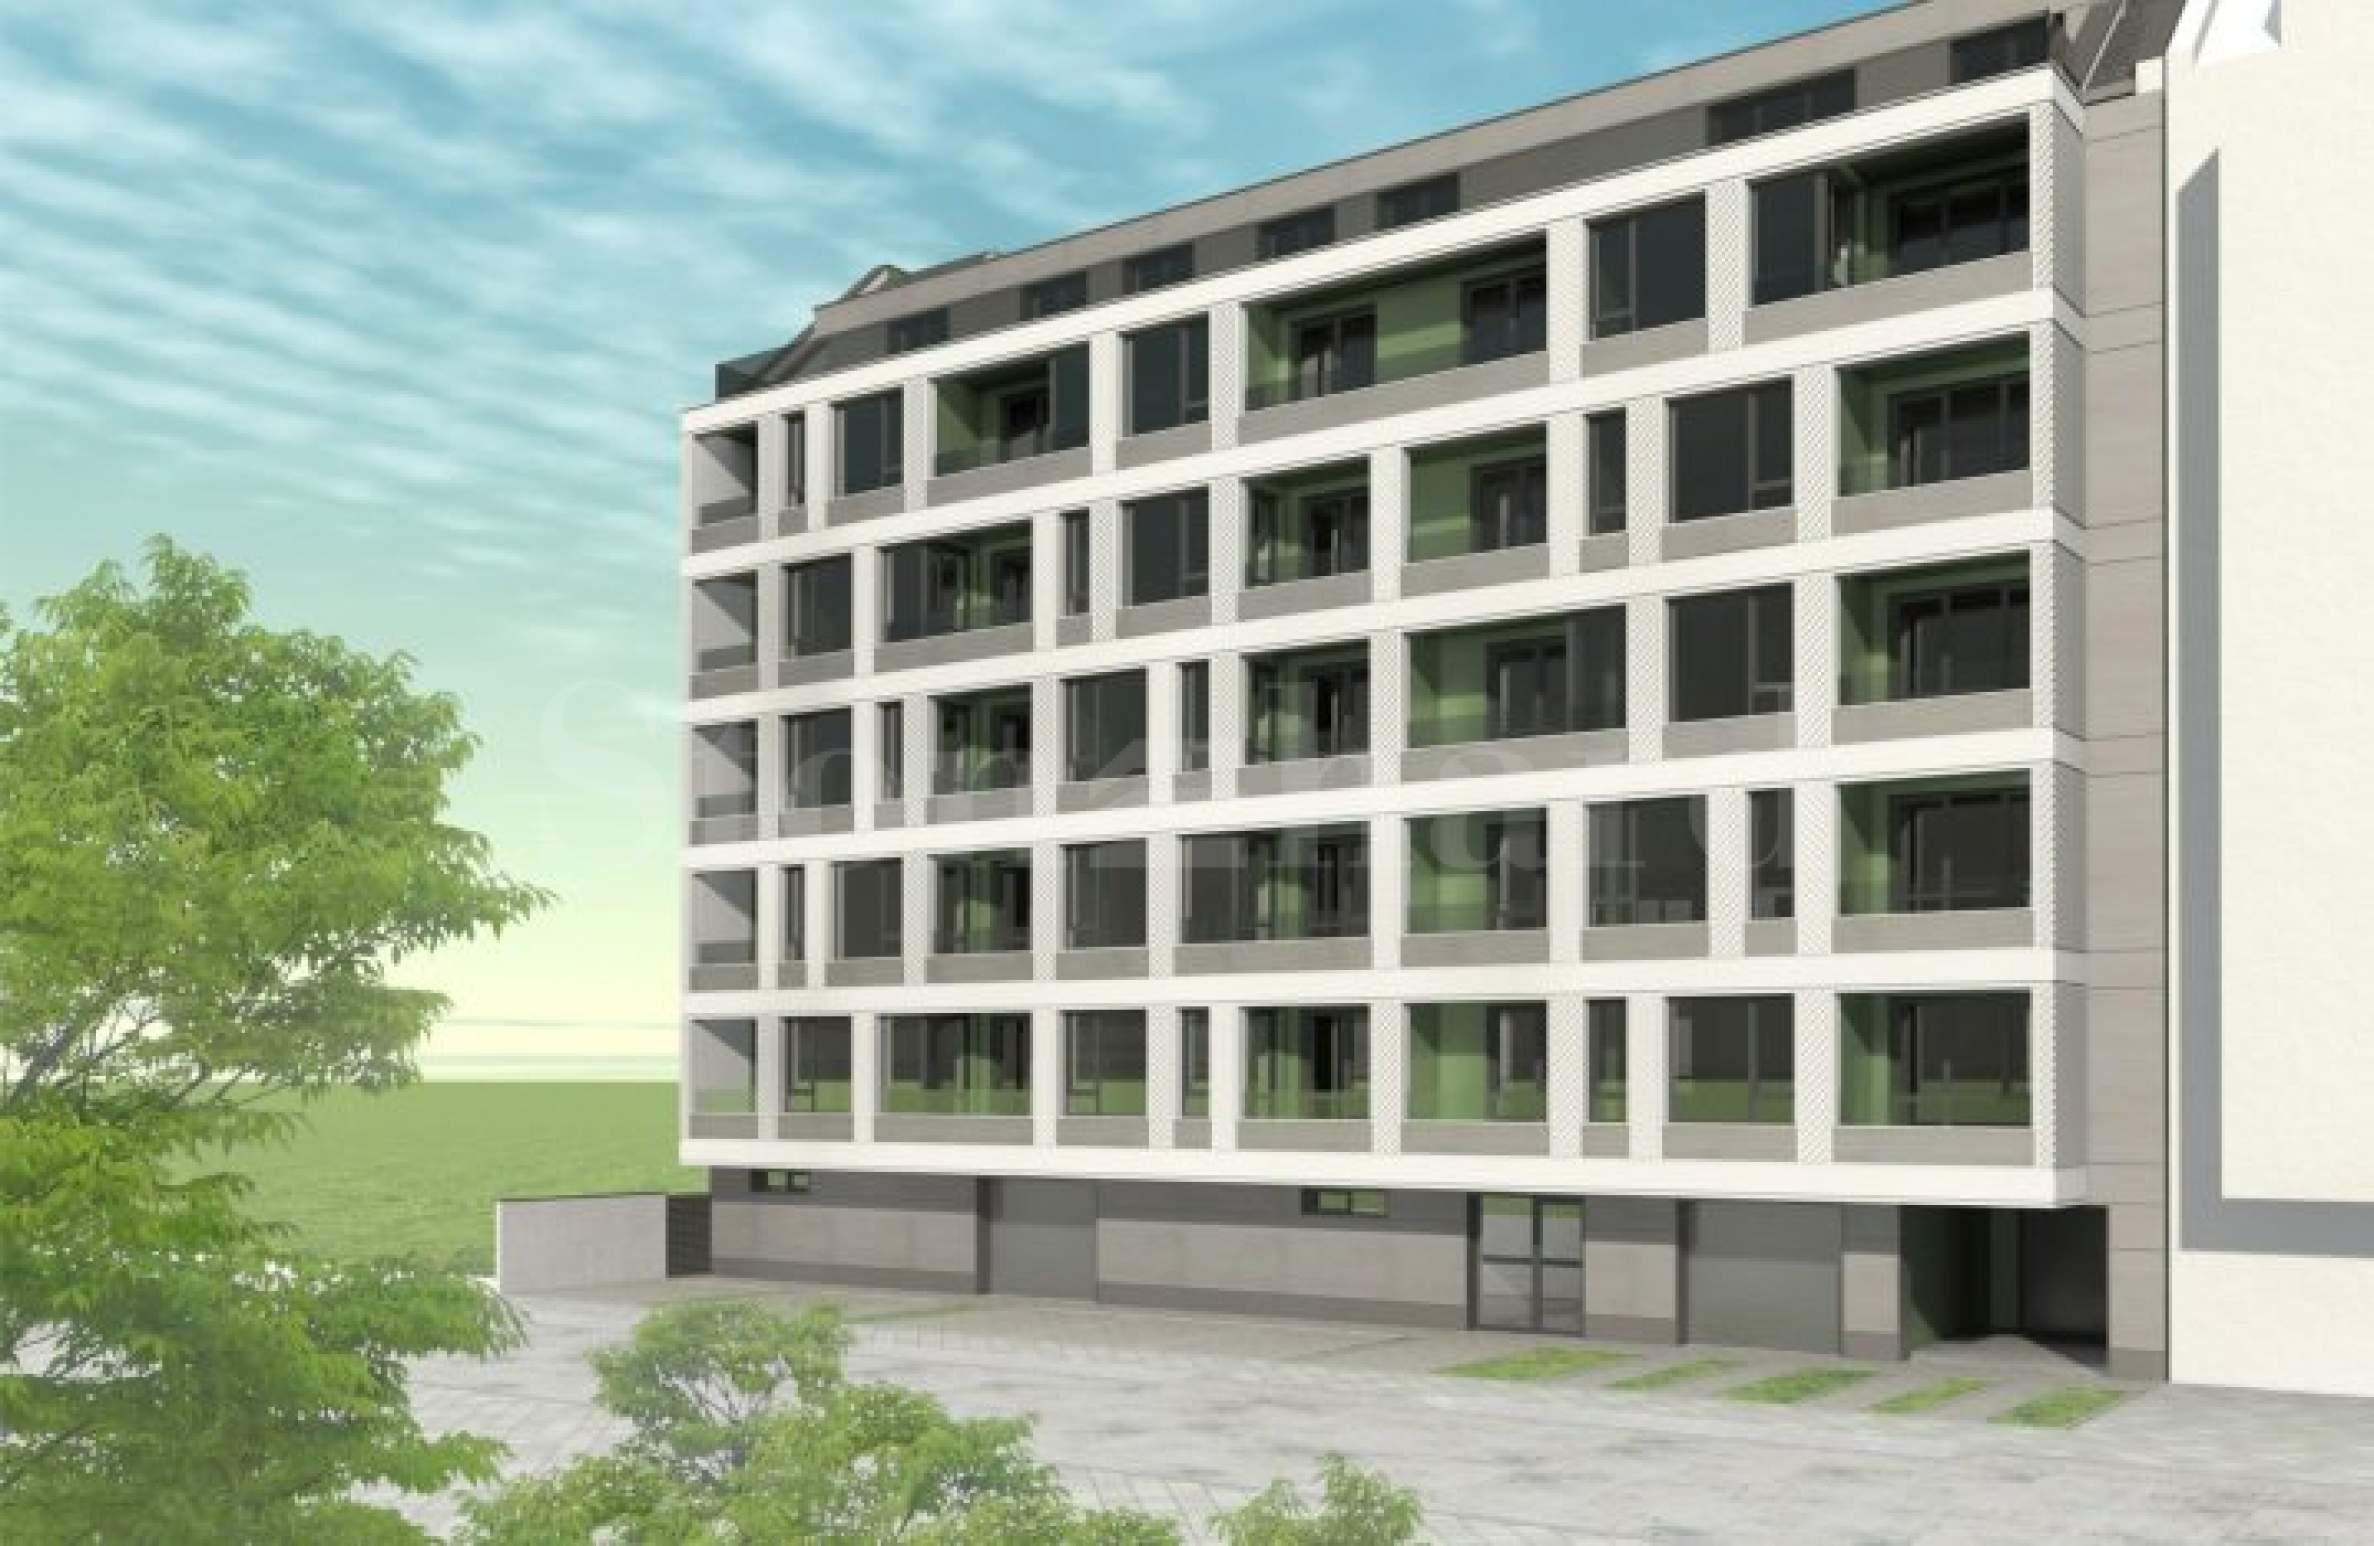 Апартаменти ново строителство в кв. Белите брези1 - Stonehard